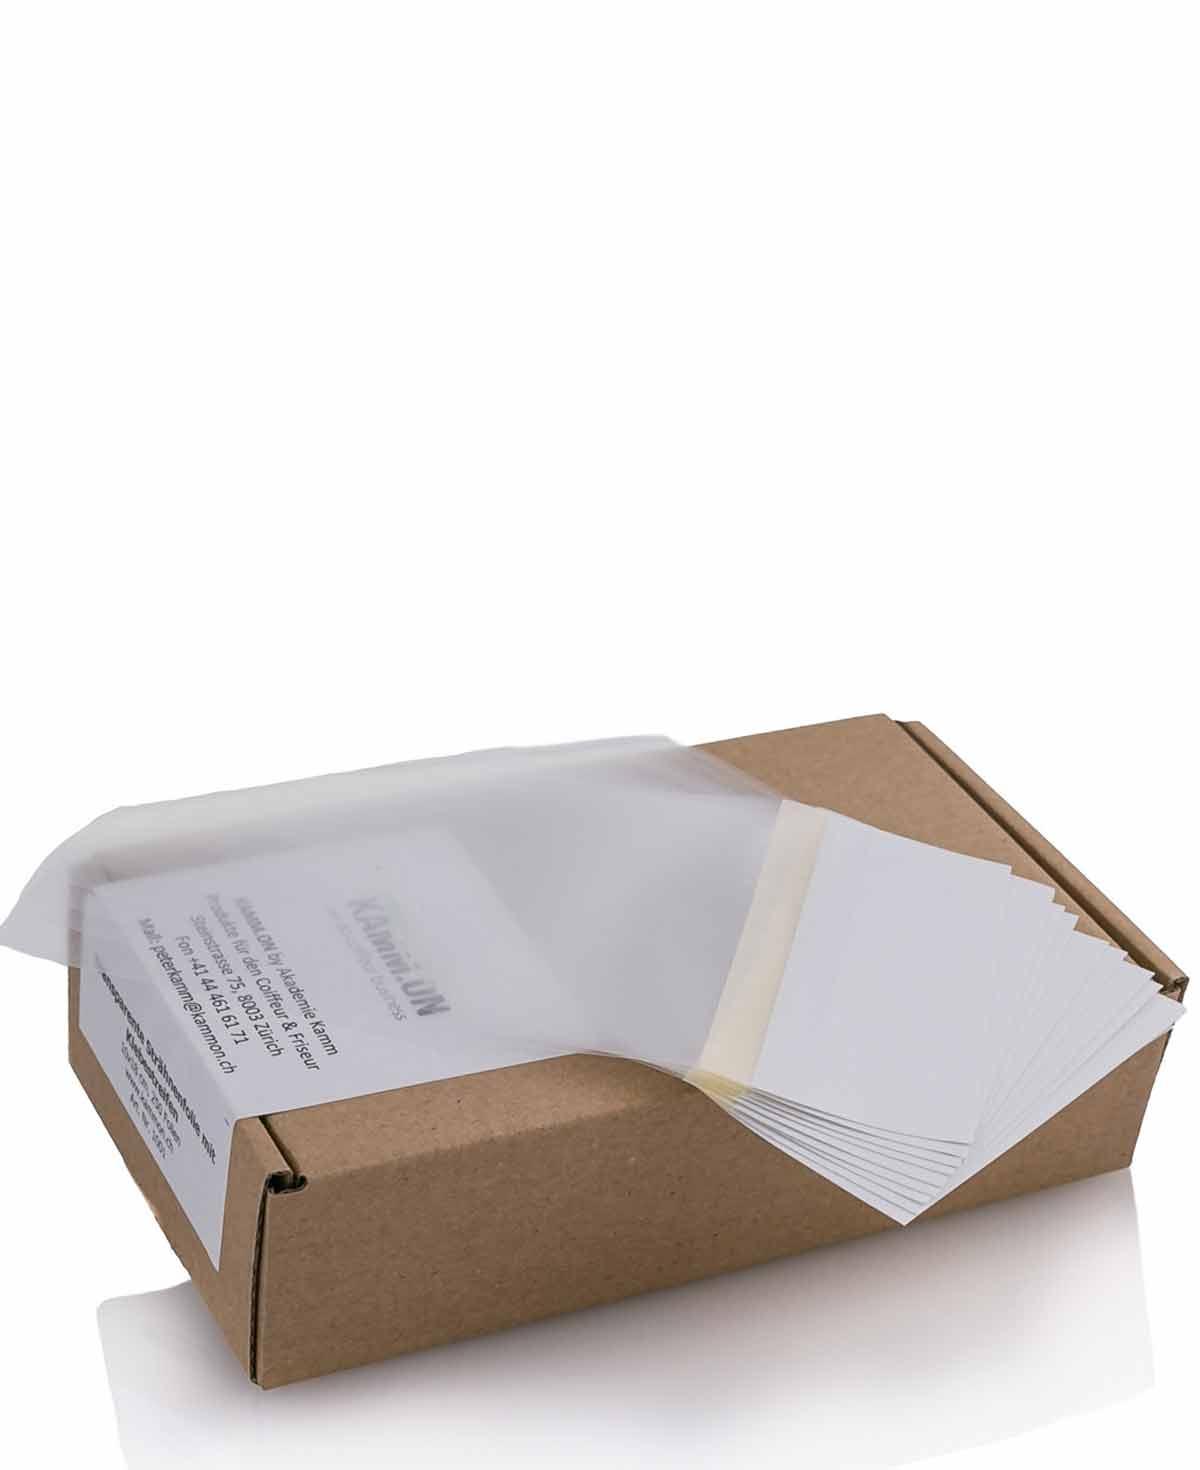 Strähnenpapier 9x18cm à 500 Blatt